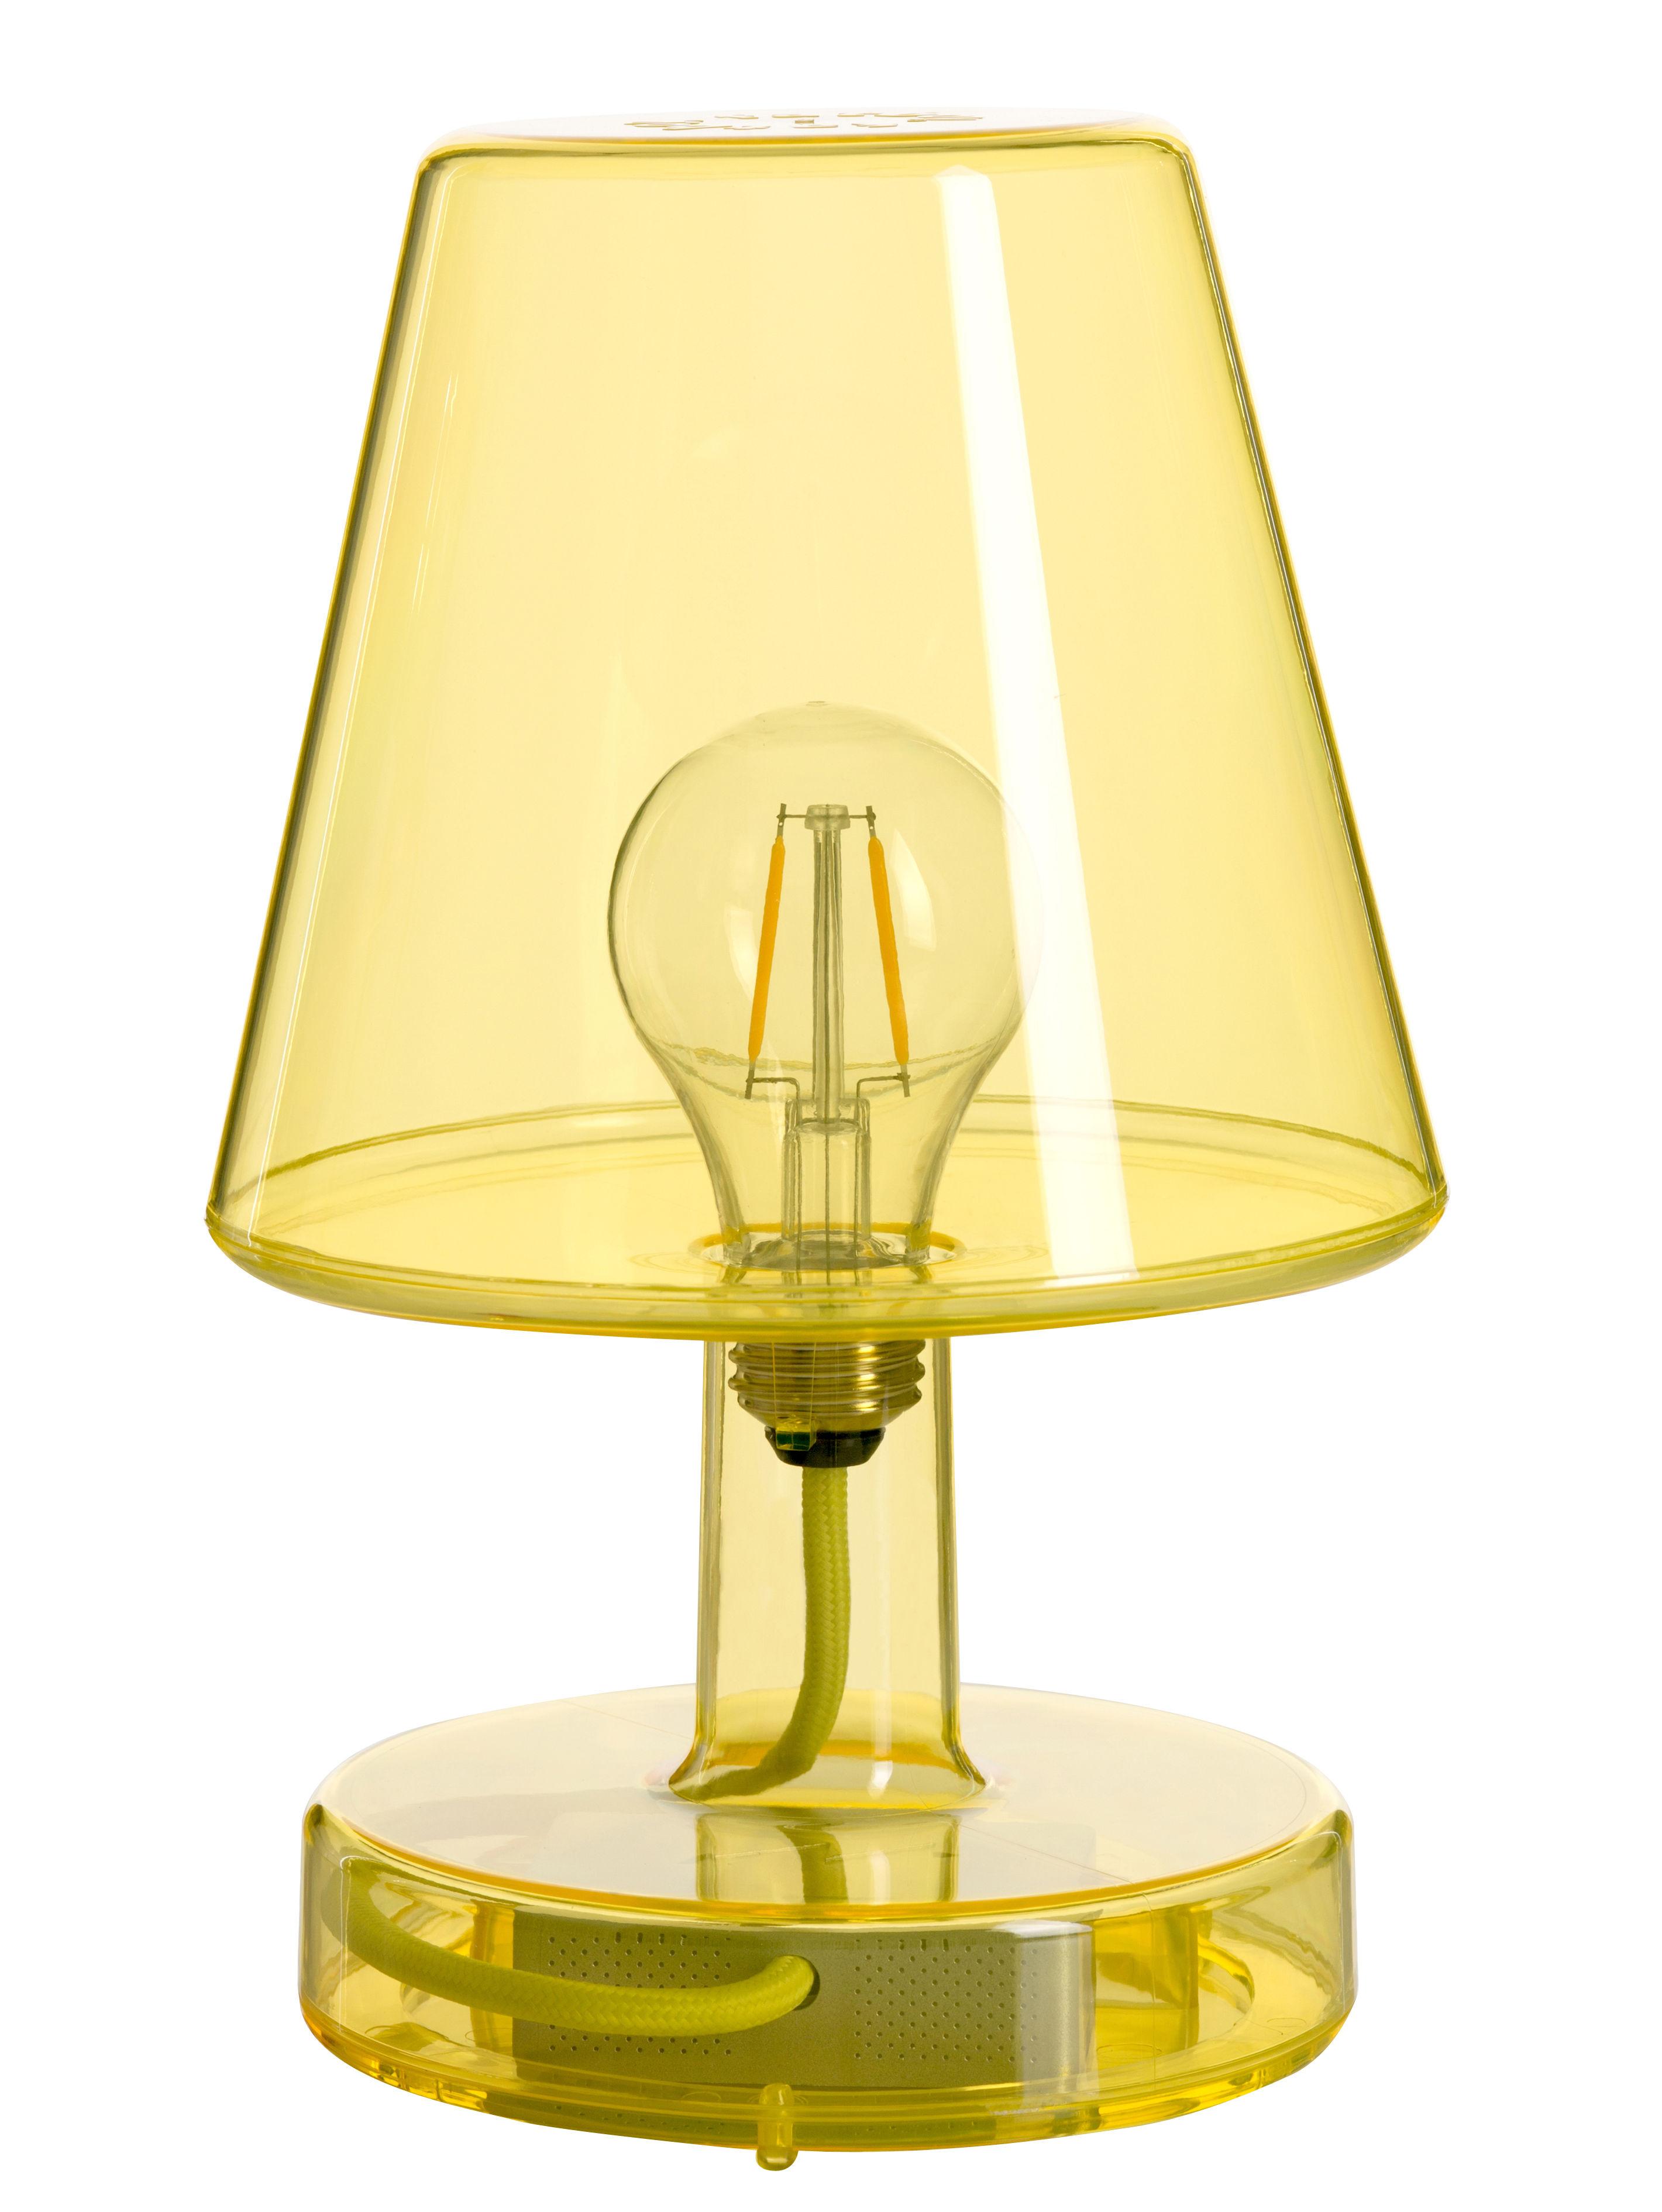 transloetje led kabellos fatboy lampe ohne kabel. Black Bedroom Furniture Sets. Home Design Ideas